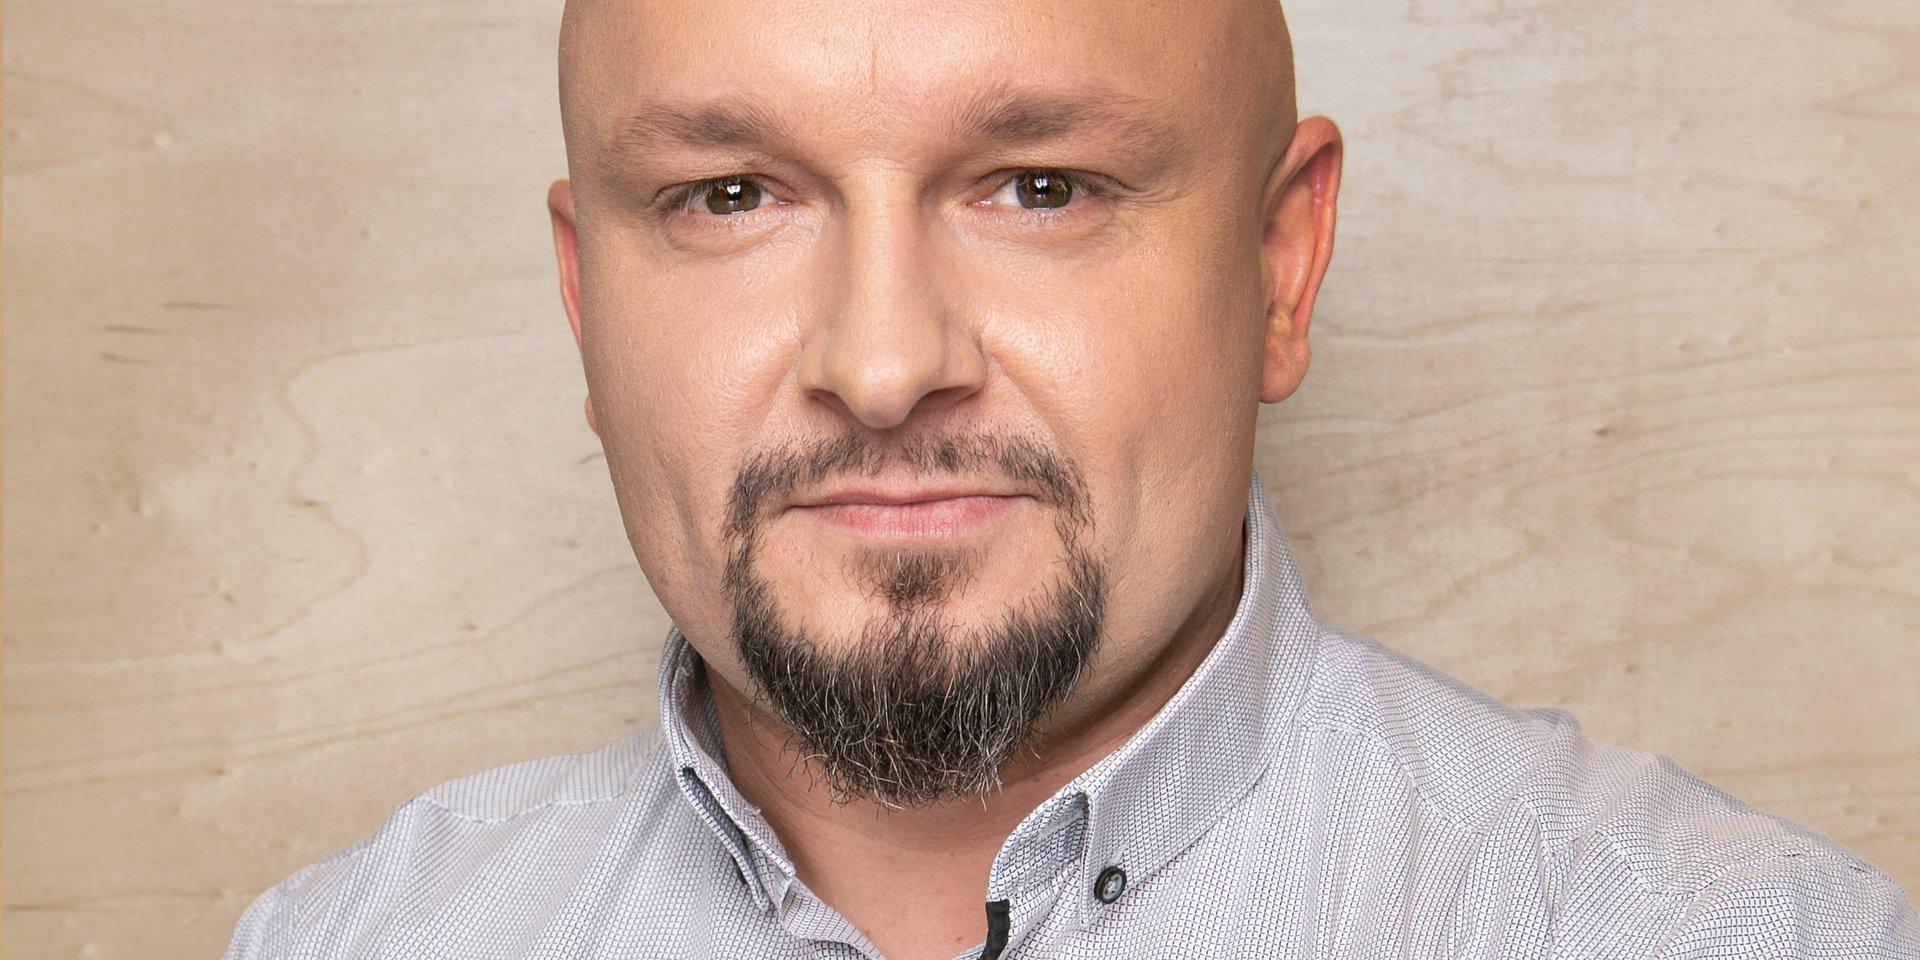 Sukcesja w zarządzie LTTM: Paweł Stano nowym prezesem, Krystian Botko w roli członka zarządu odpowiedzialnego za rozwój agencji TalentMedia